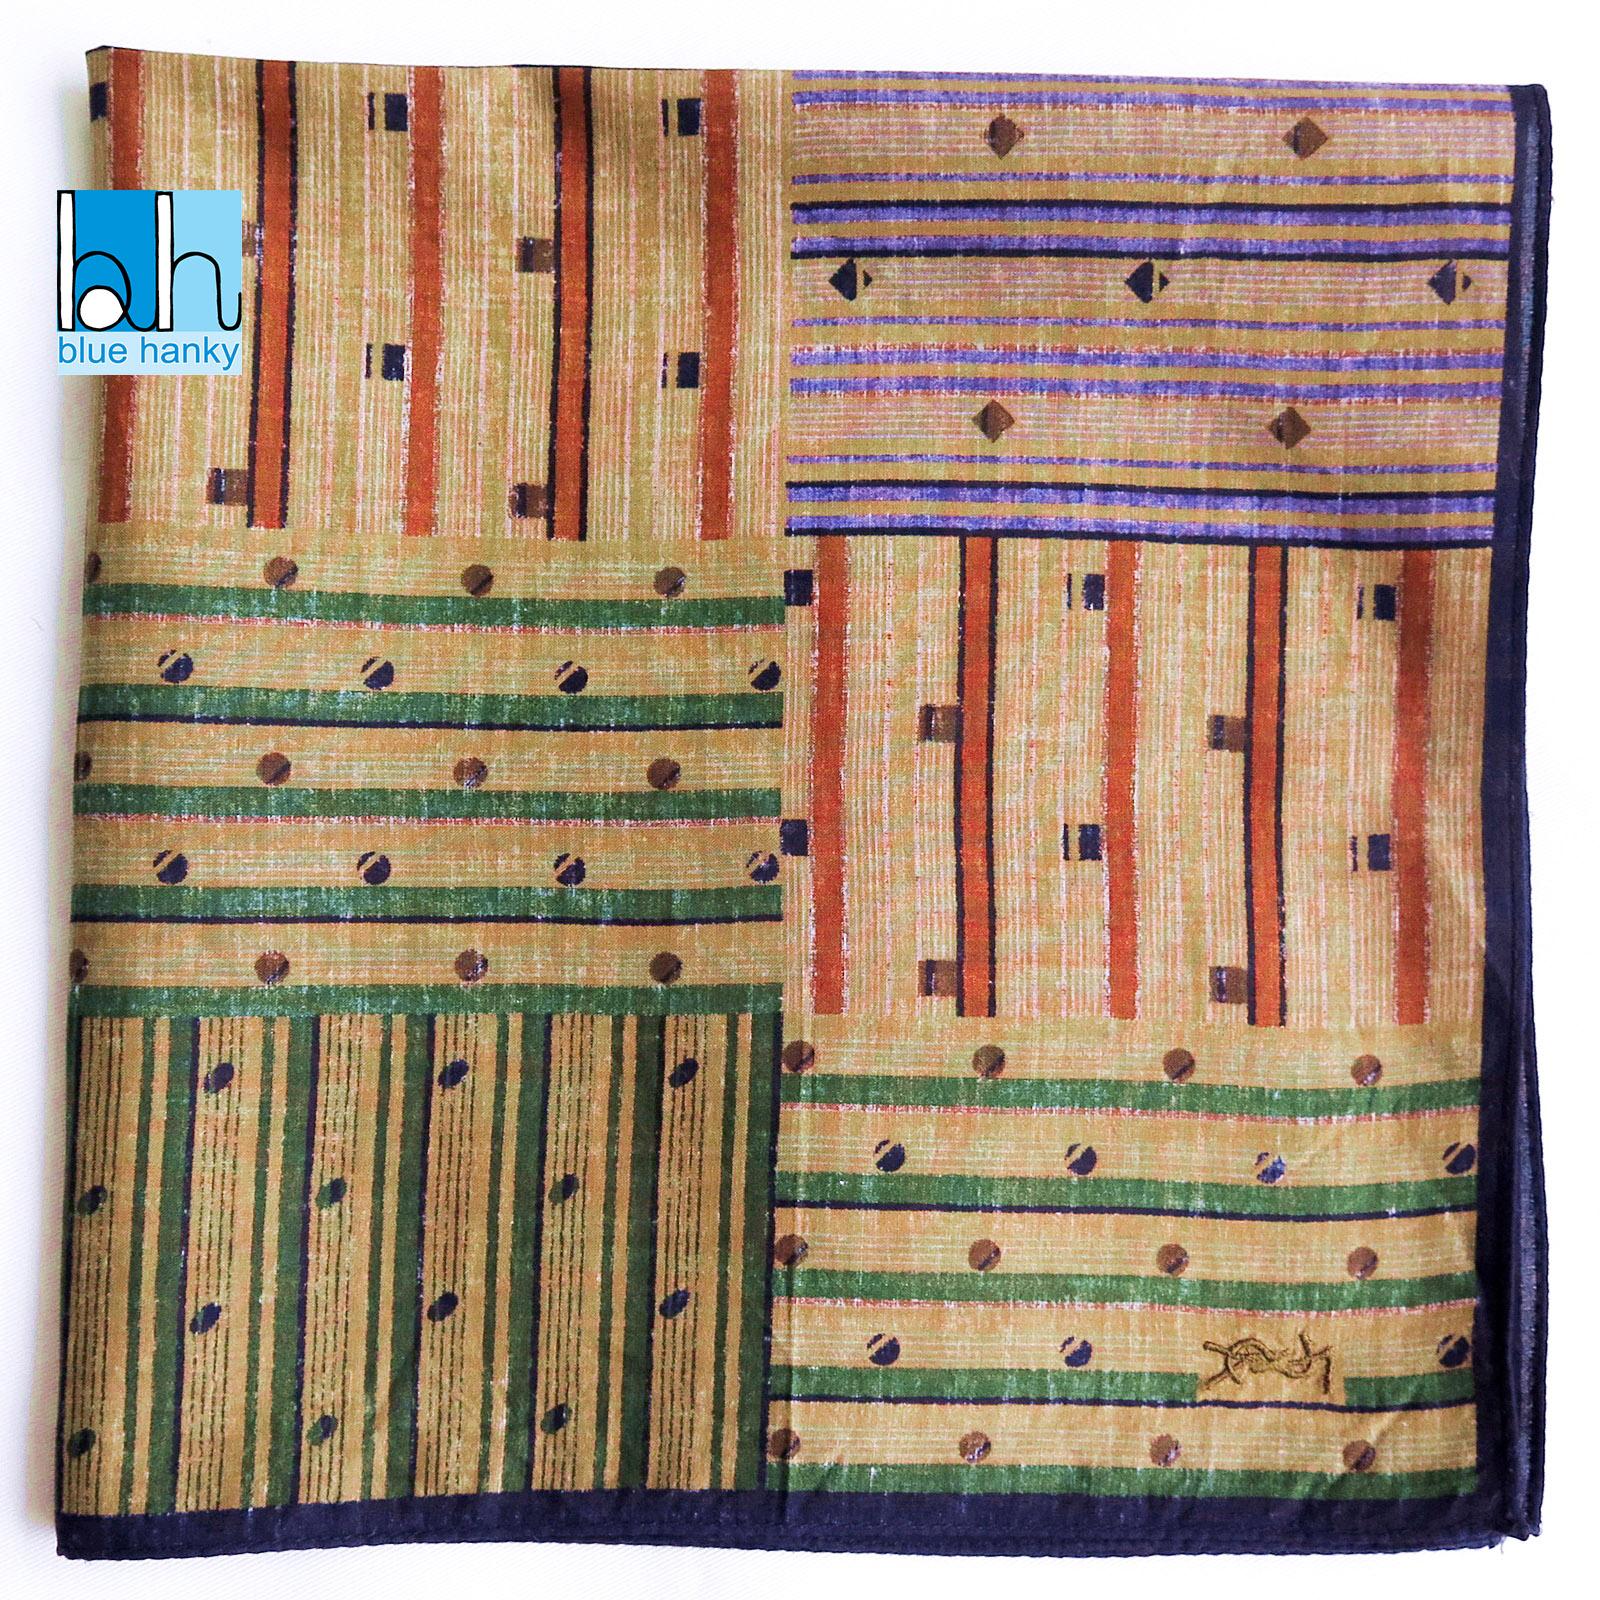 """#288 21"""" ญี่ปุ่น ผ้าเช็ดหน้ามือ2 สภาพดี ผ้าเช็ดหน้าผืนใหญ่"""